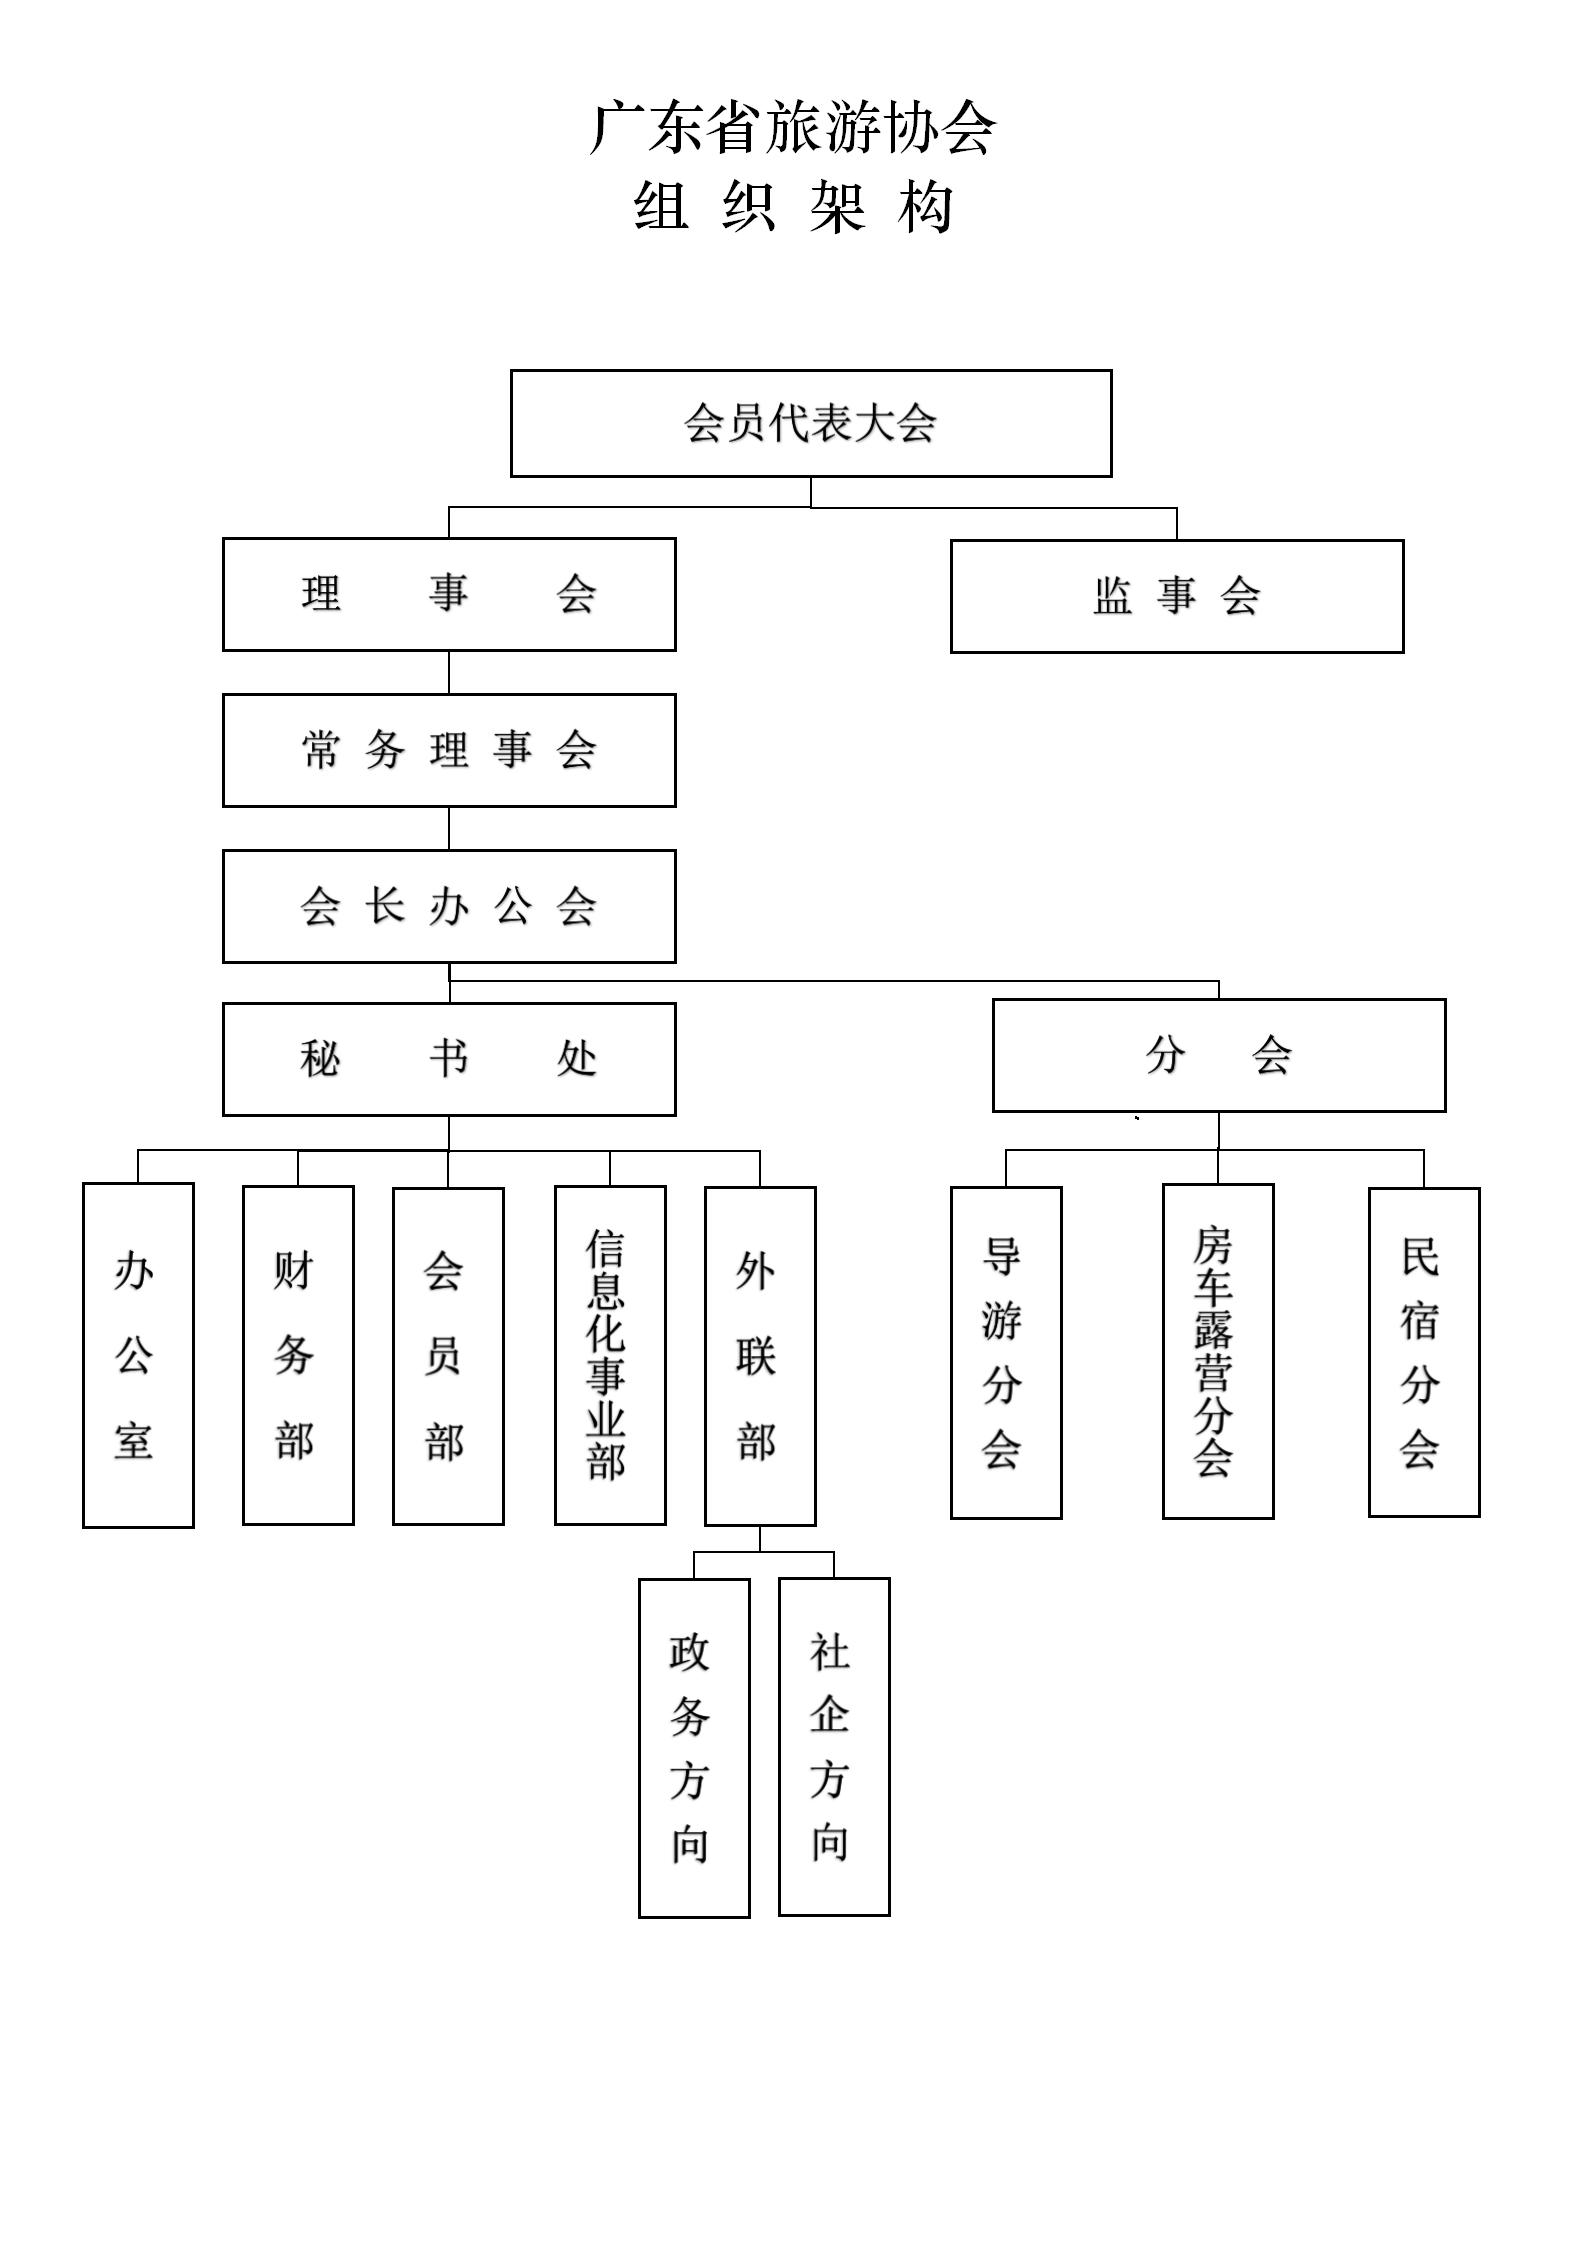 組織架構_01